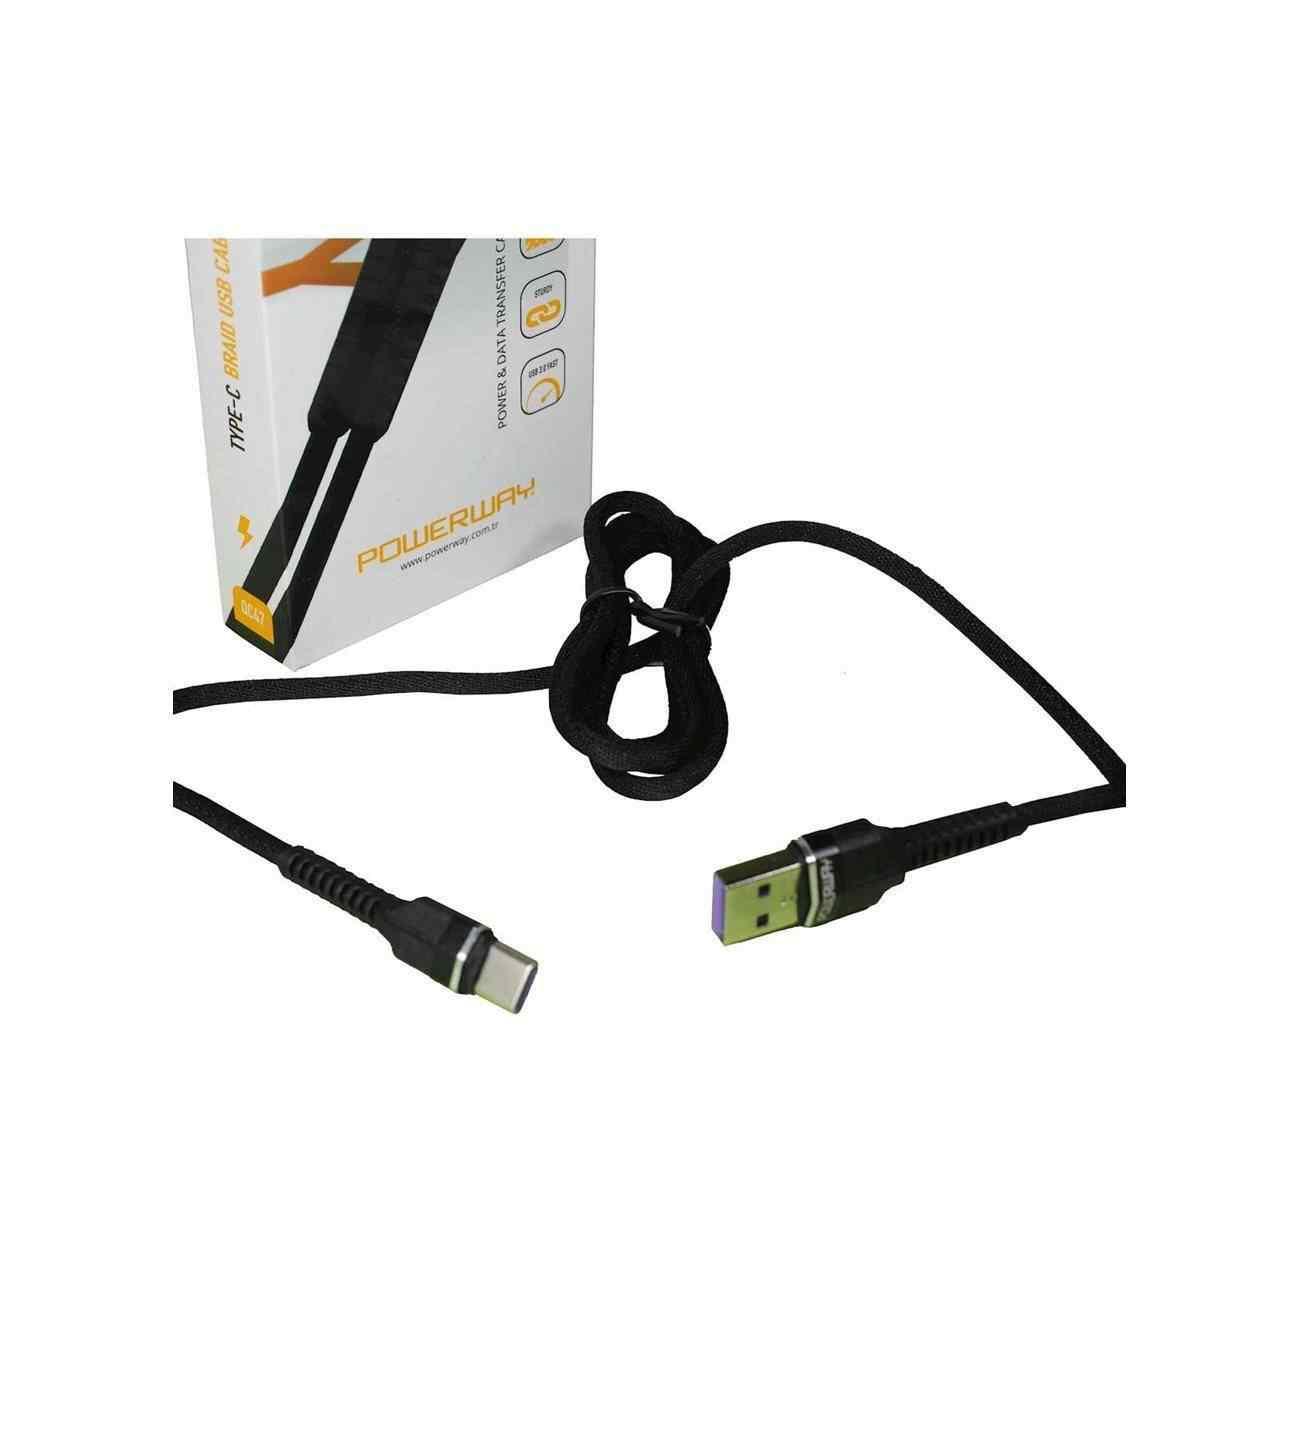 Powerway Type-C USB Hızlı Şarj ve Data Aktarım Halat Kablo USB 3.0 QC47